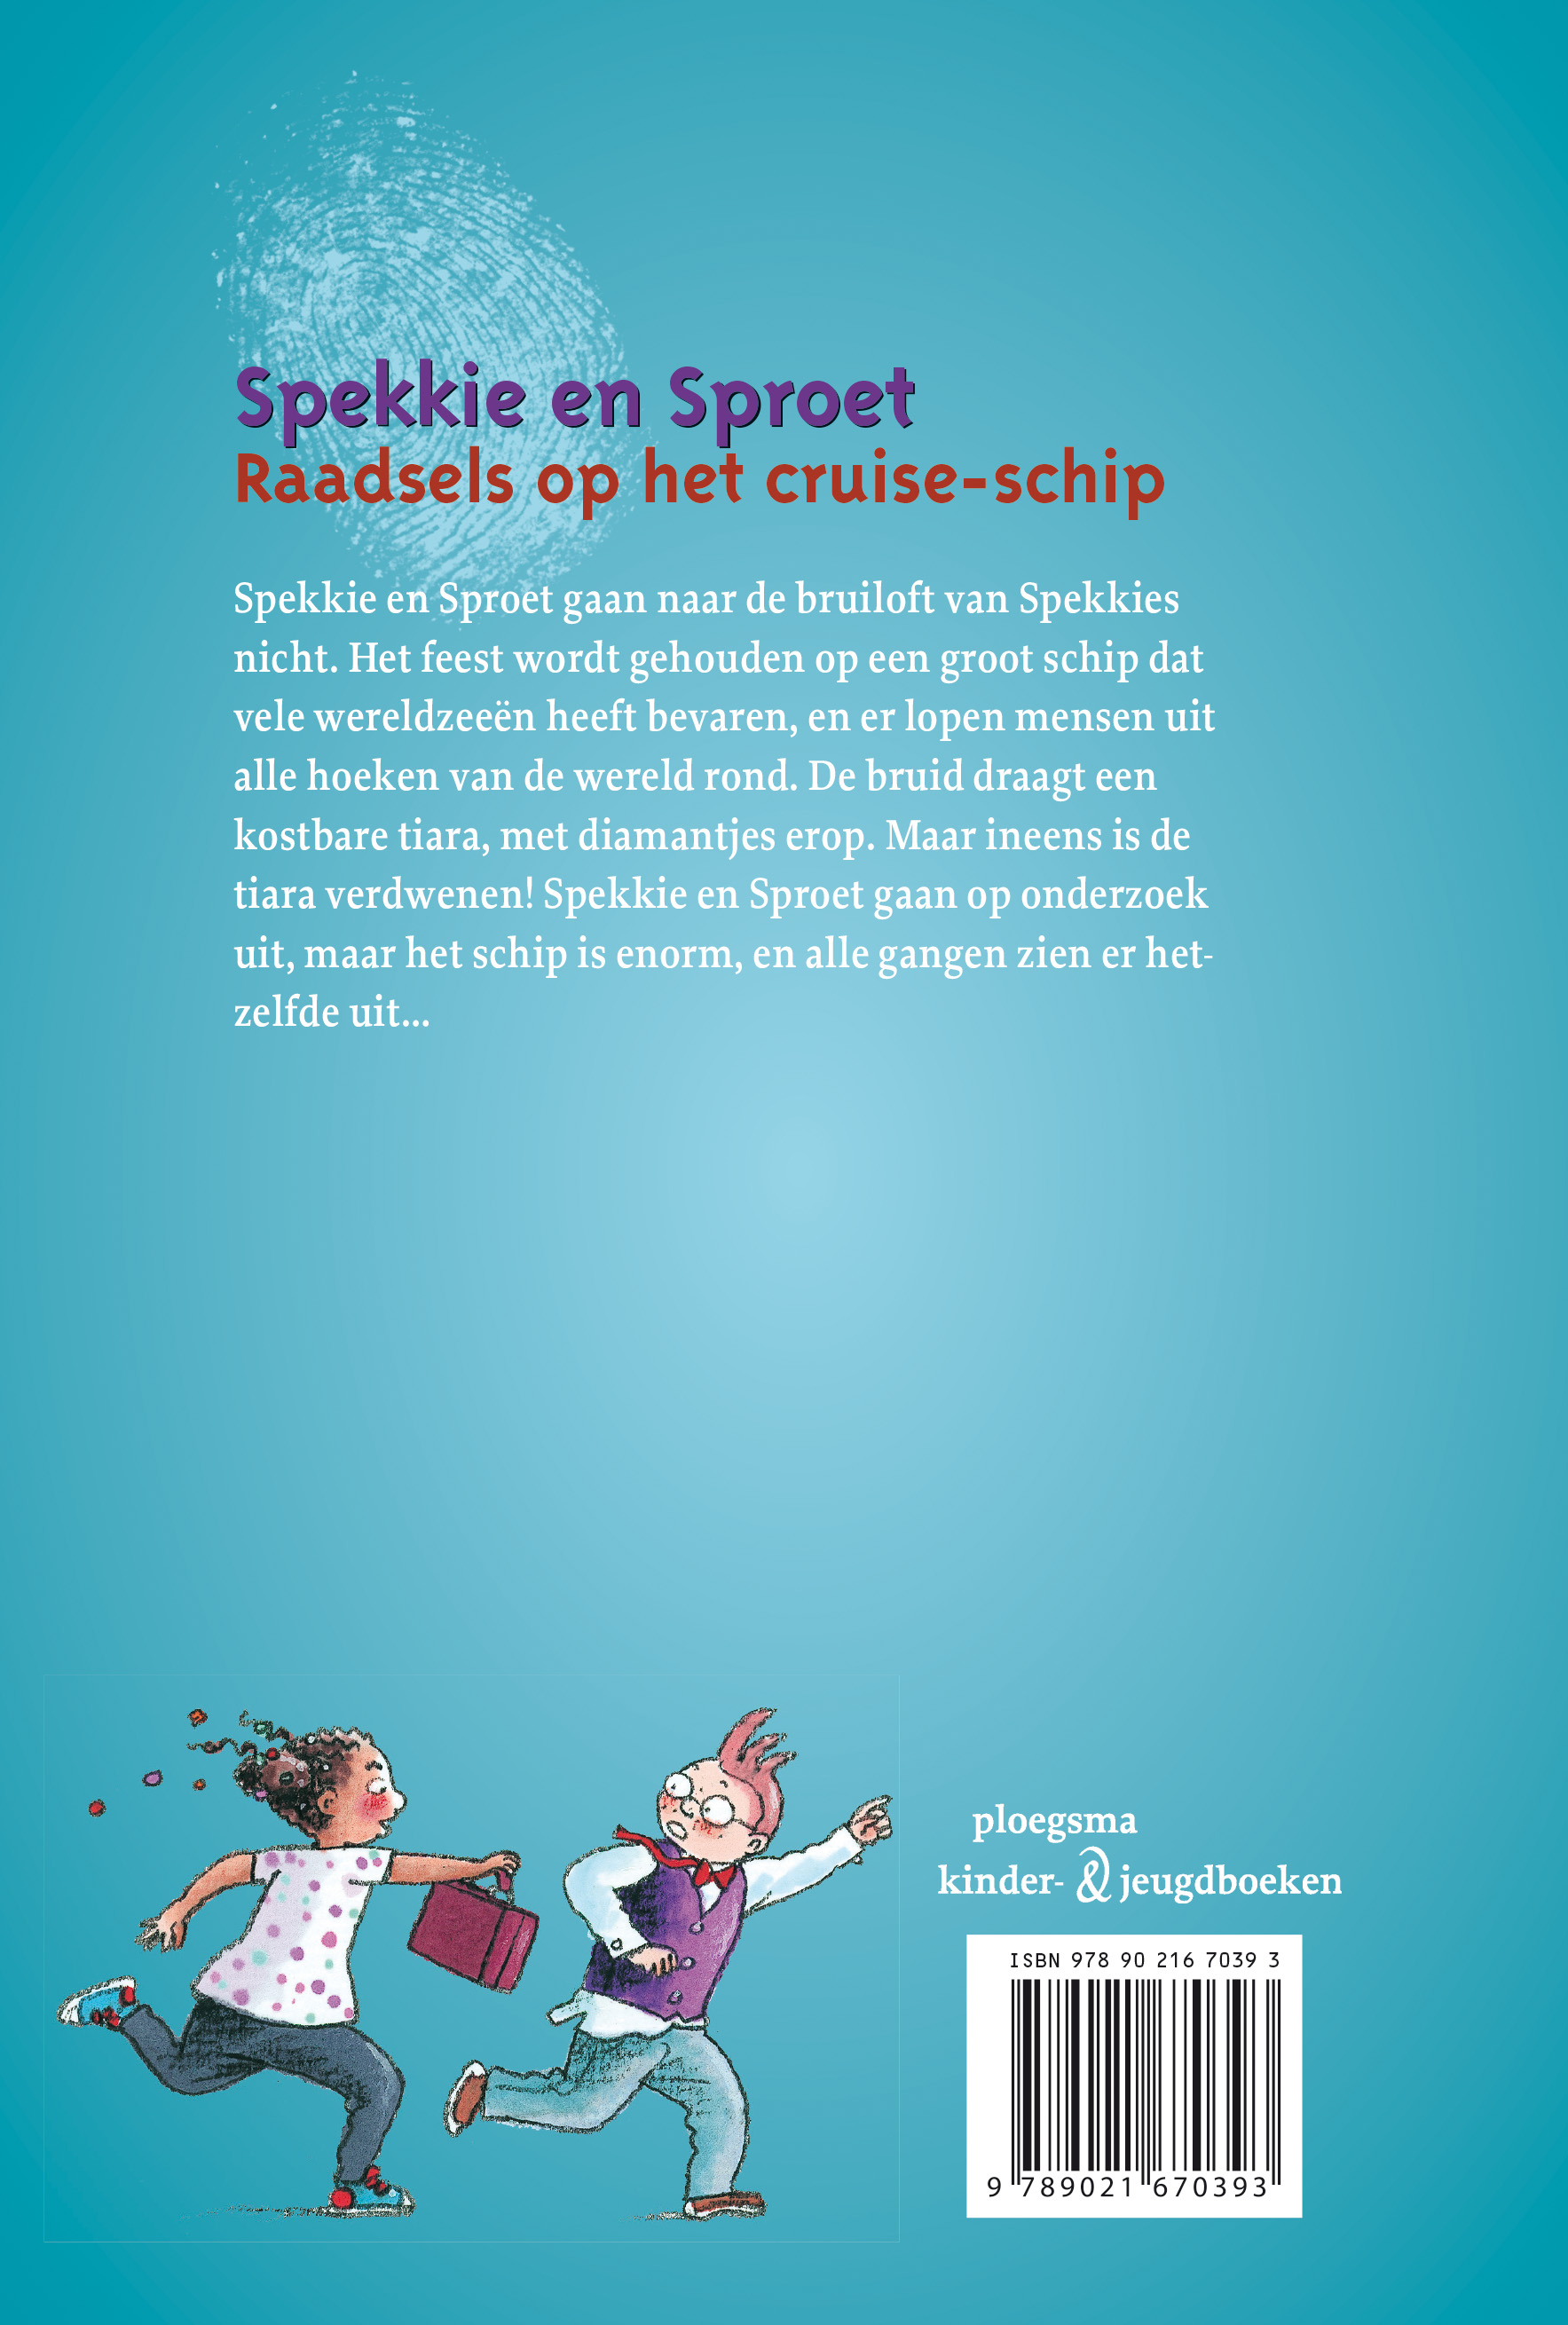 Spekkie en Sproet: Raadsels op het cruise-schip